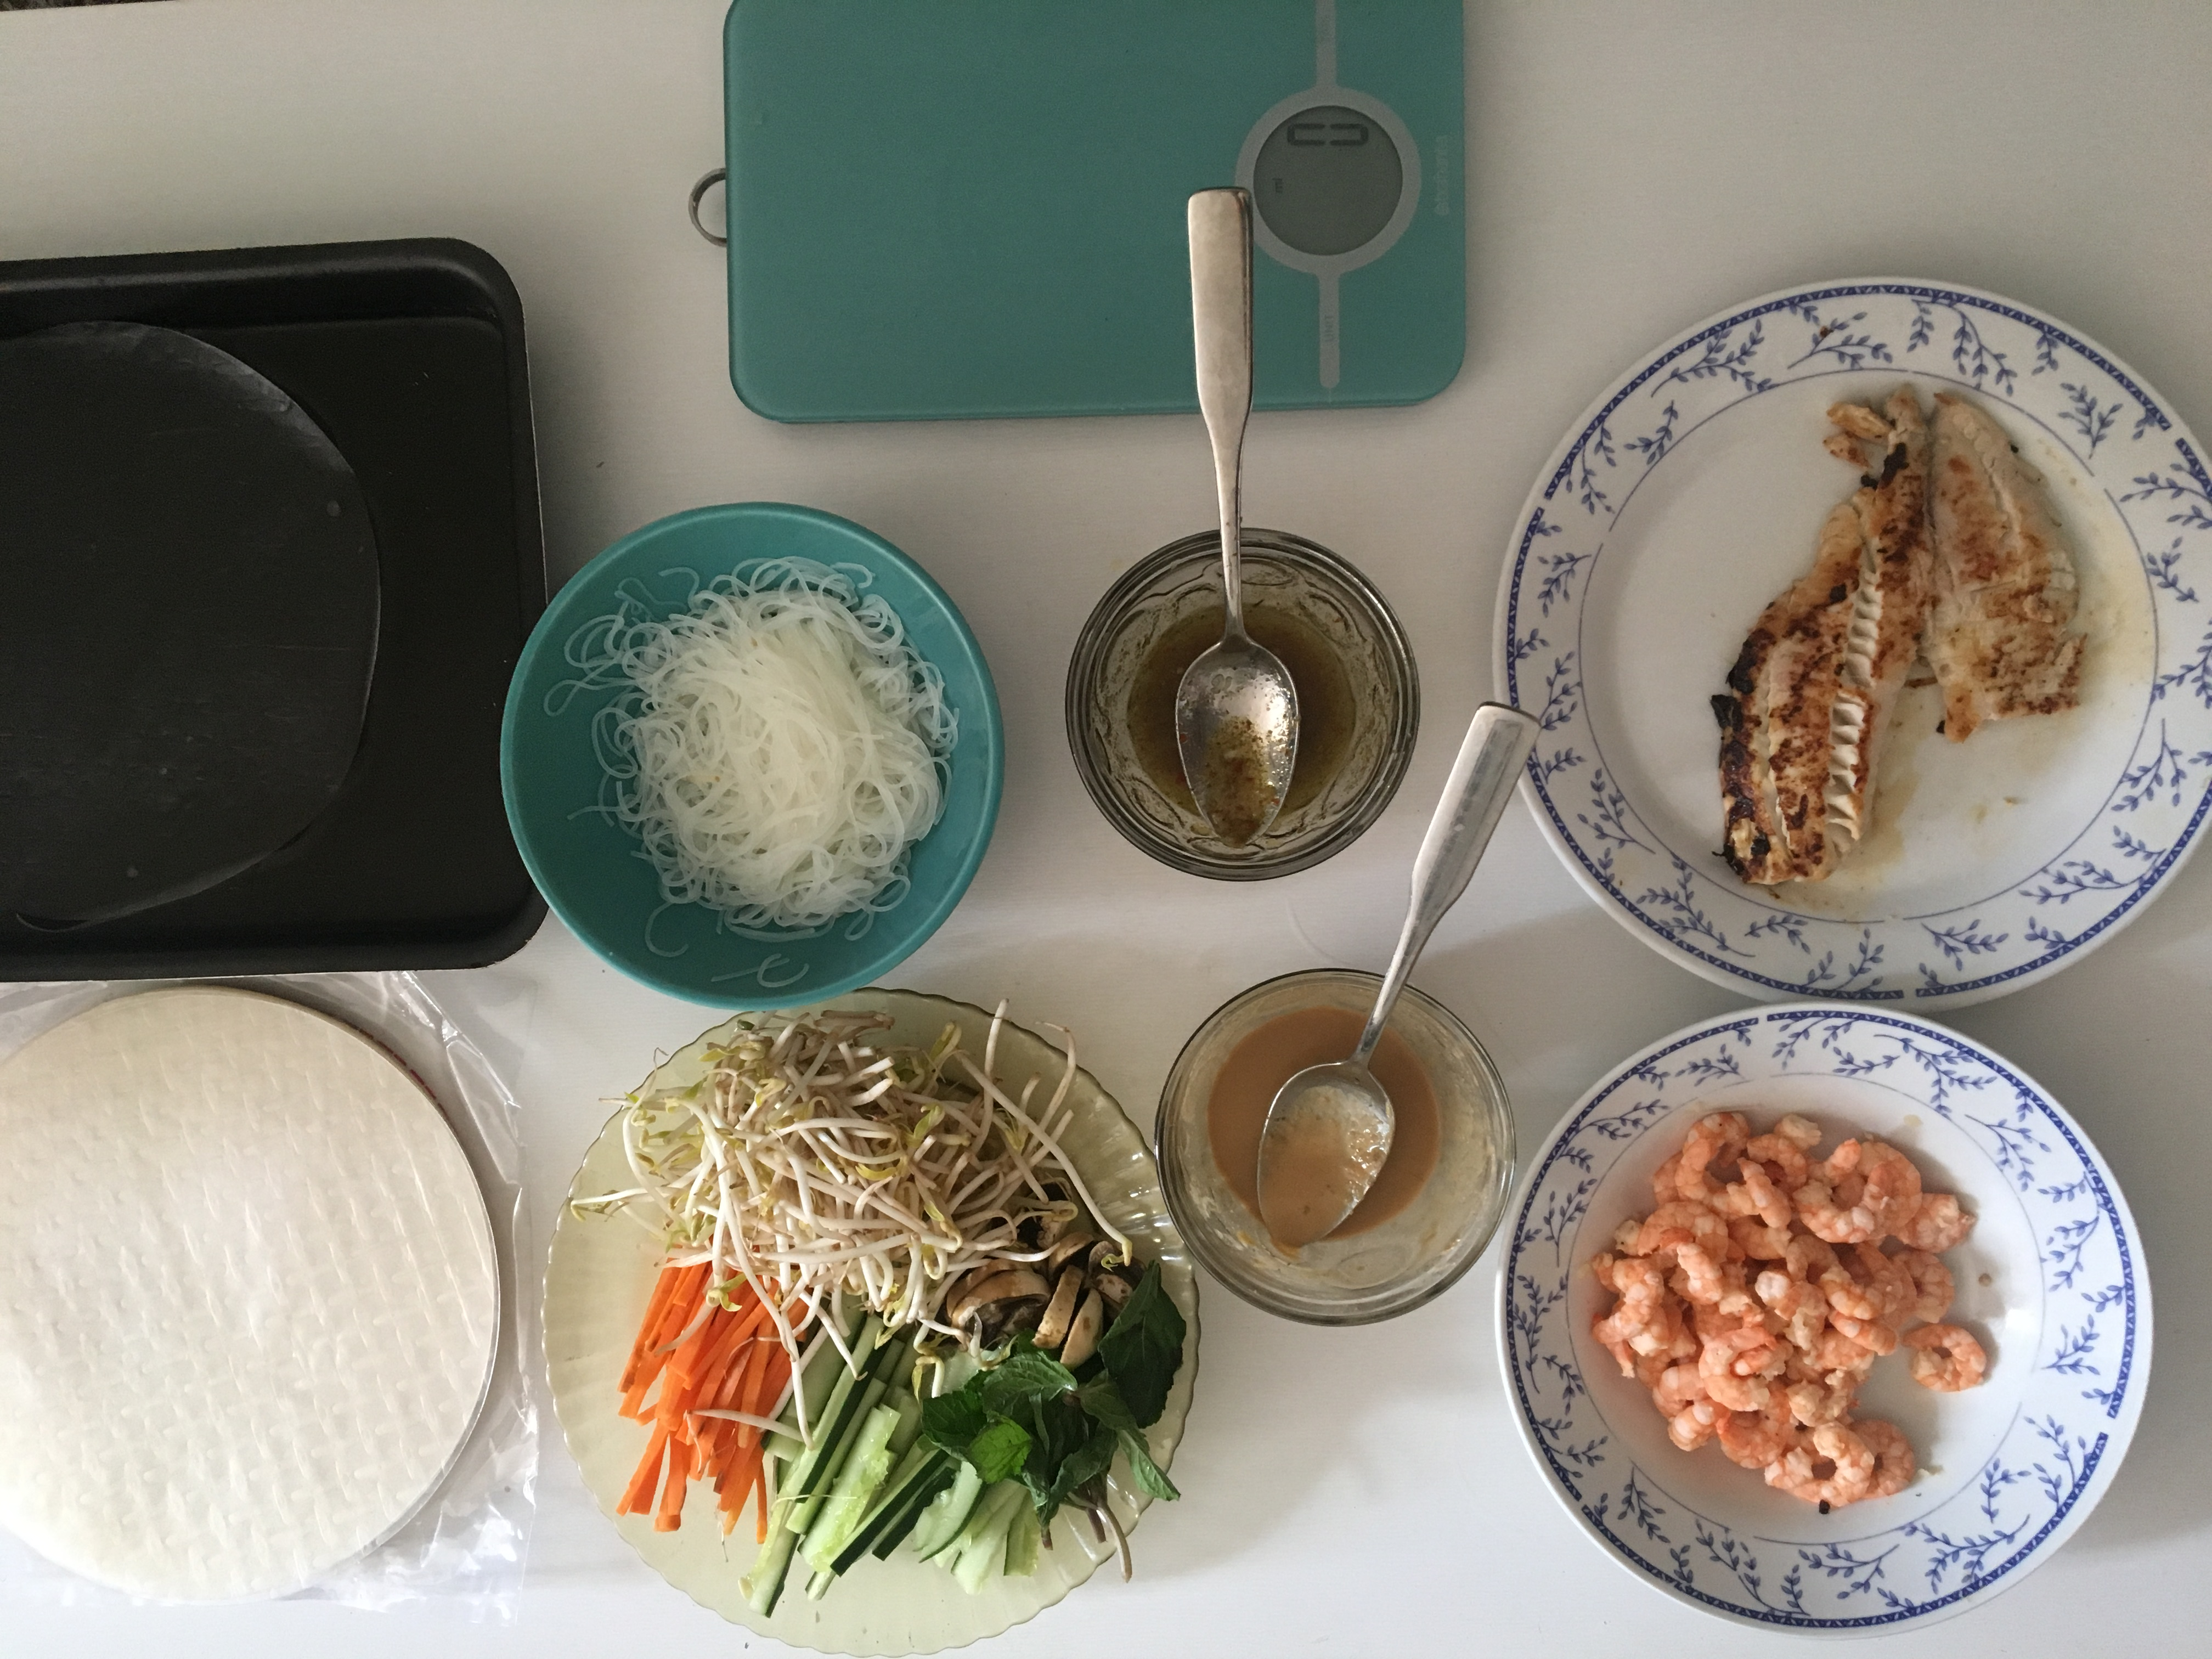 Färska vårrullar räkor eller veganska